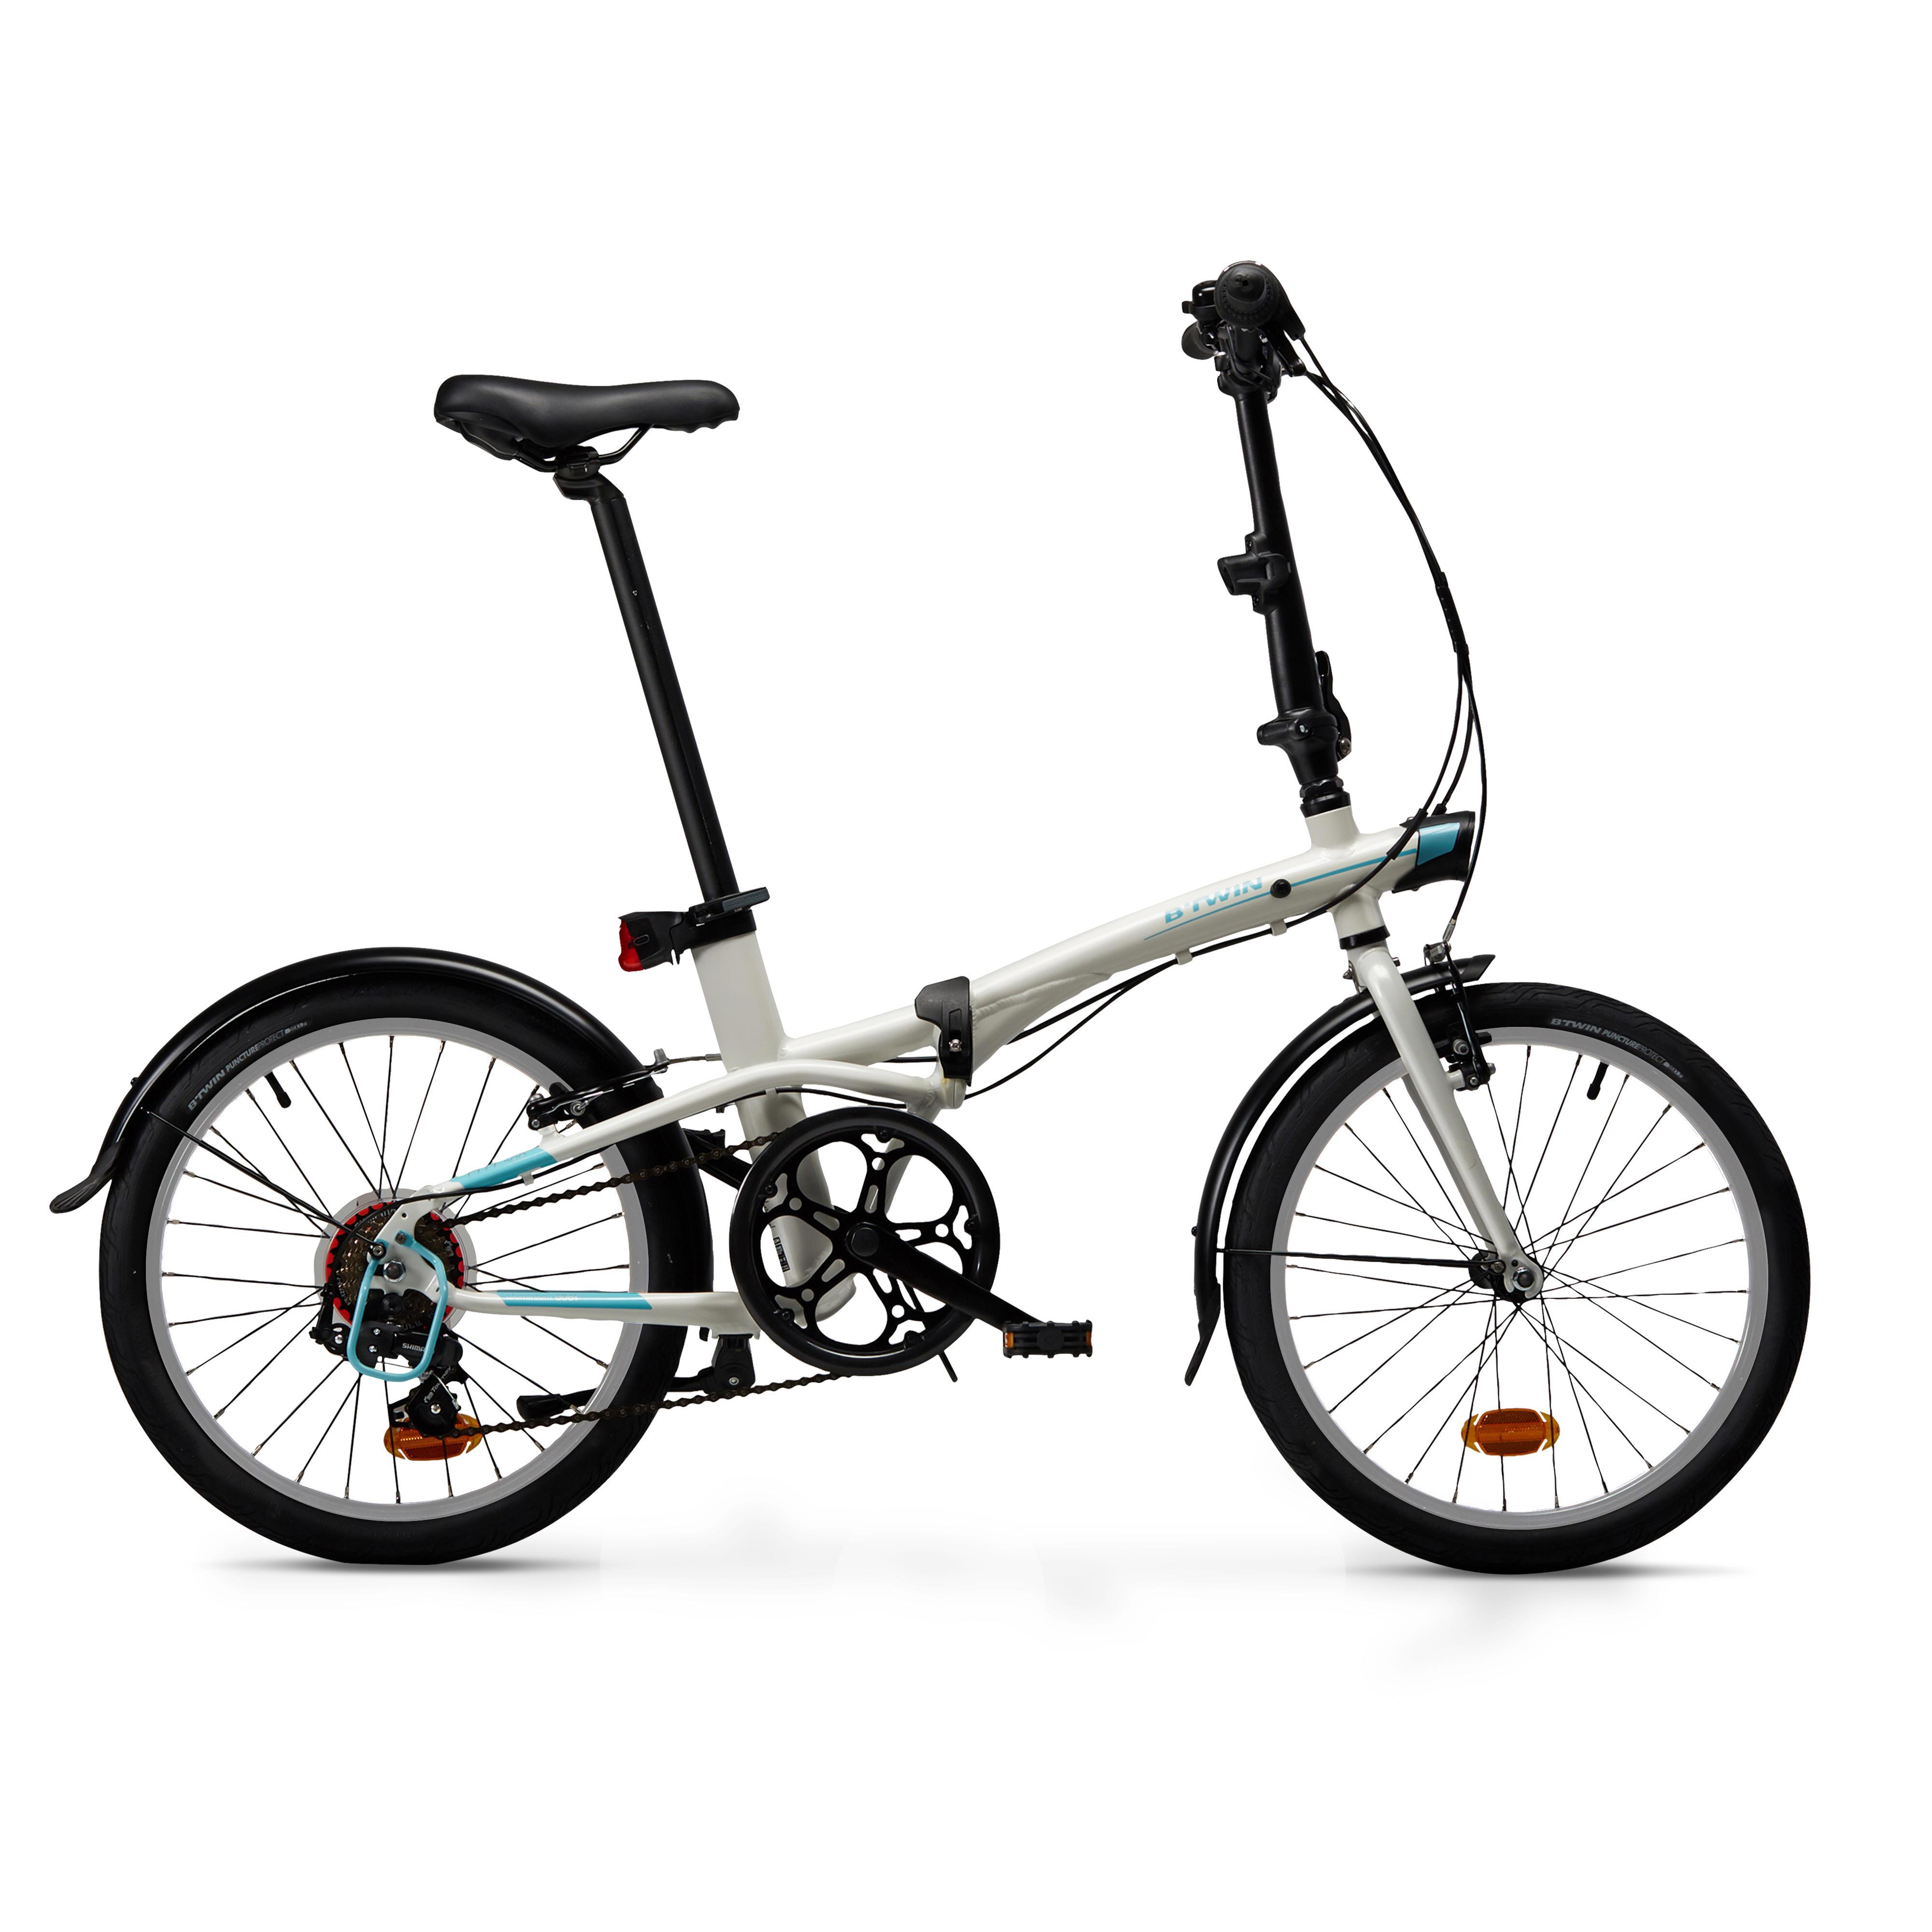 Bicicletă Pliabilă TILT 500 imagine